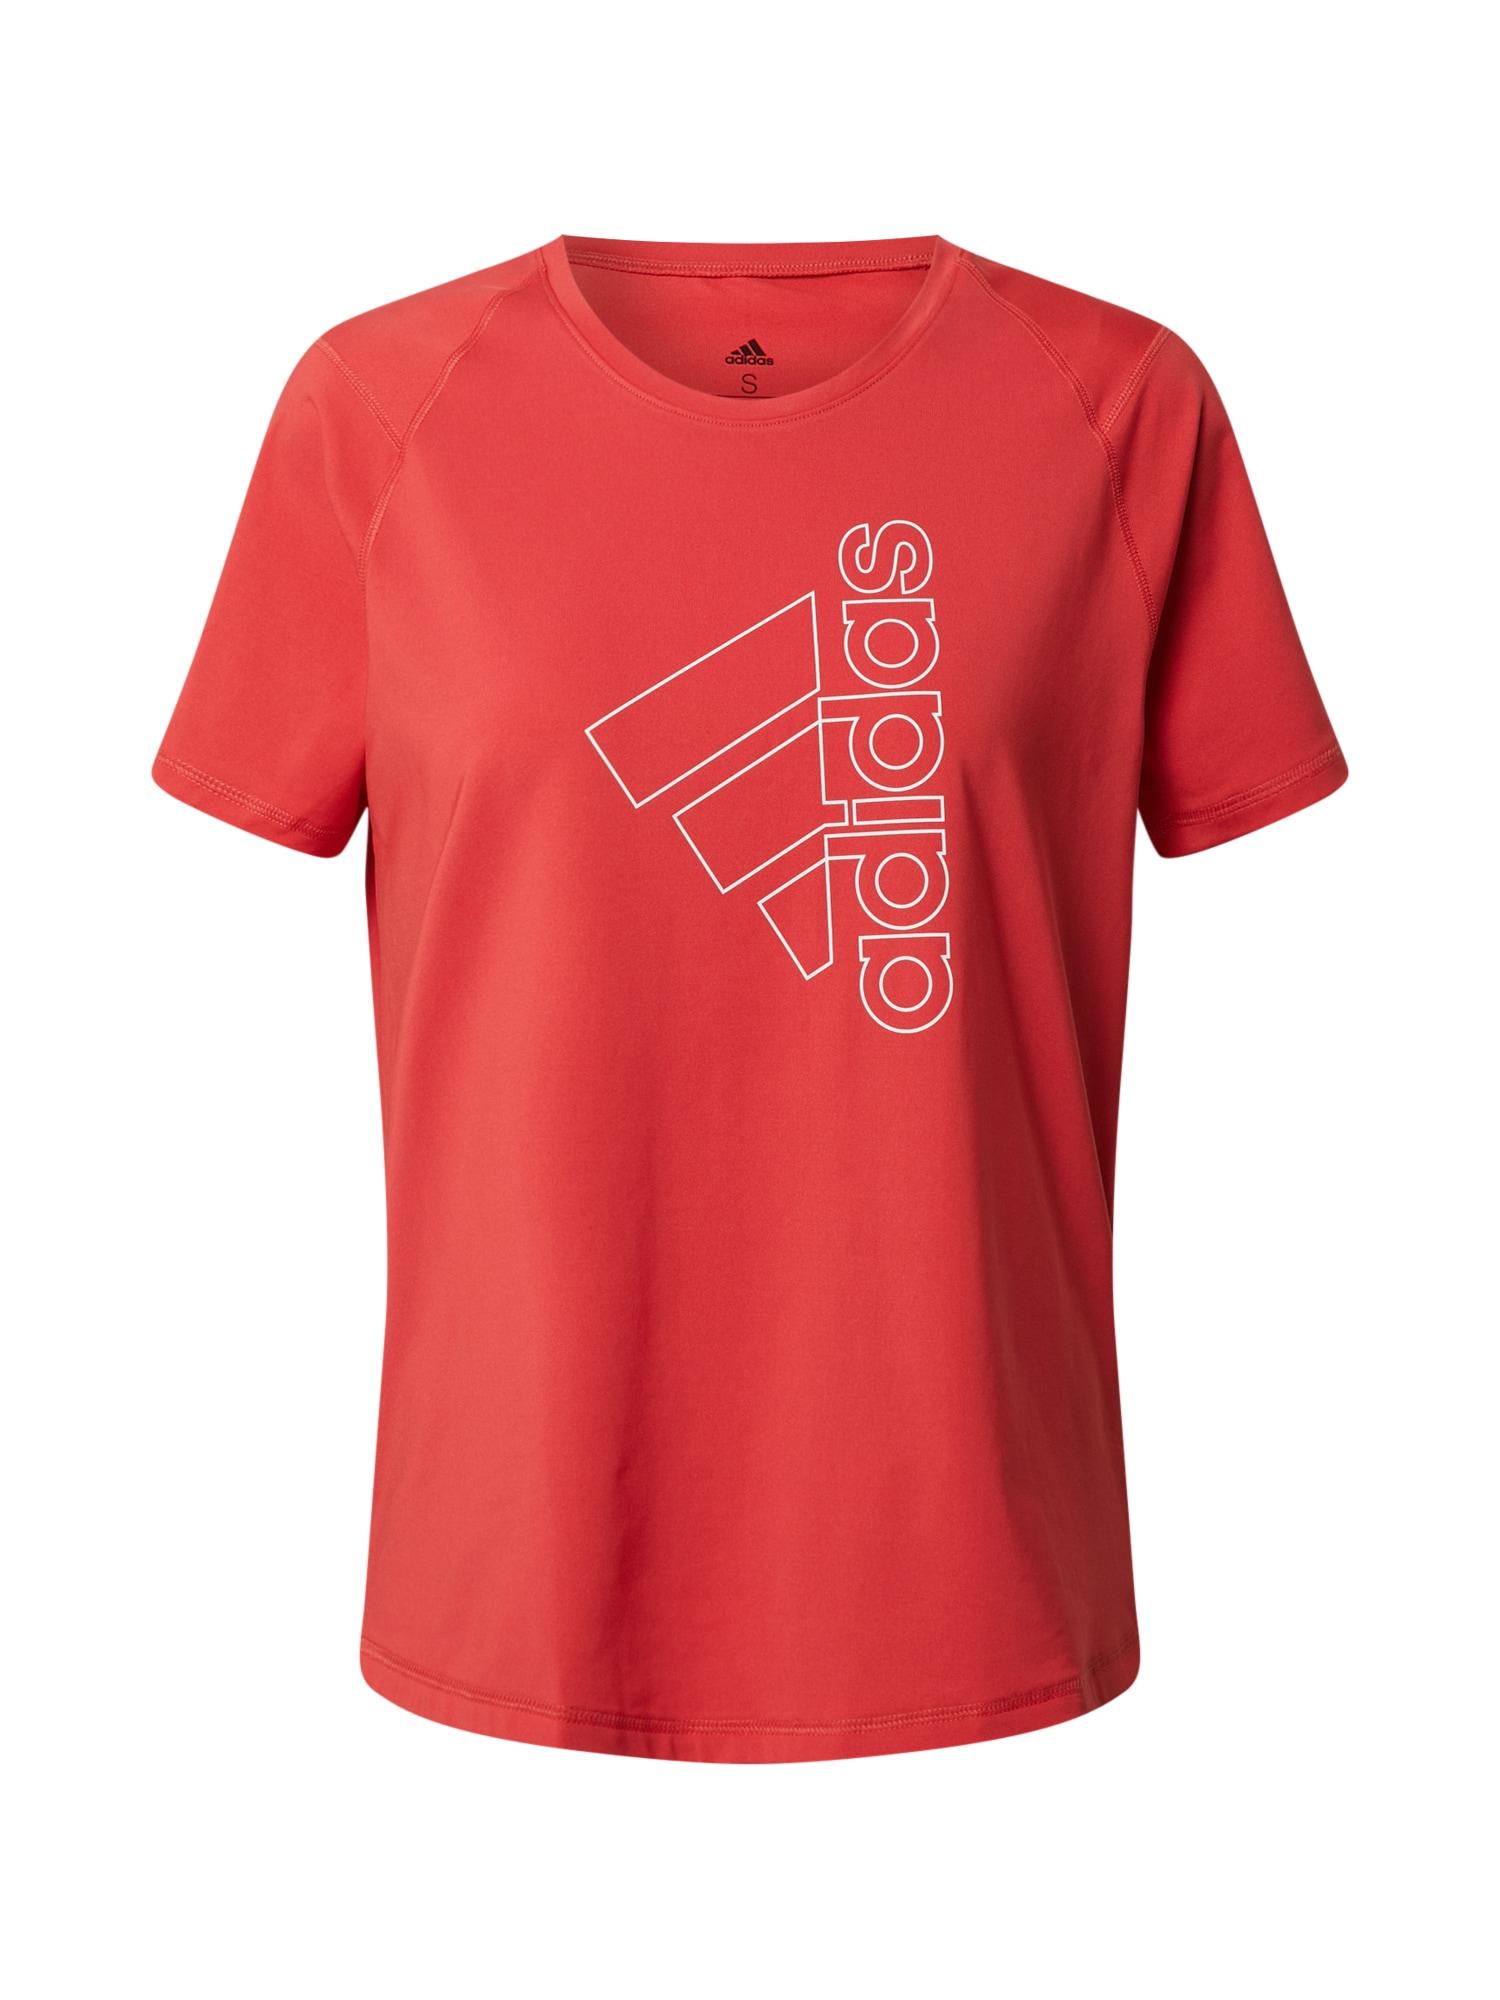 ADIDAS PERFORMANCE Sportiniai marškinėliai raudona